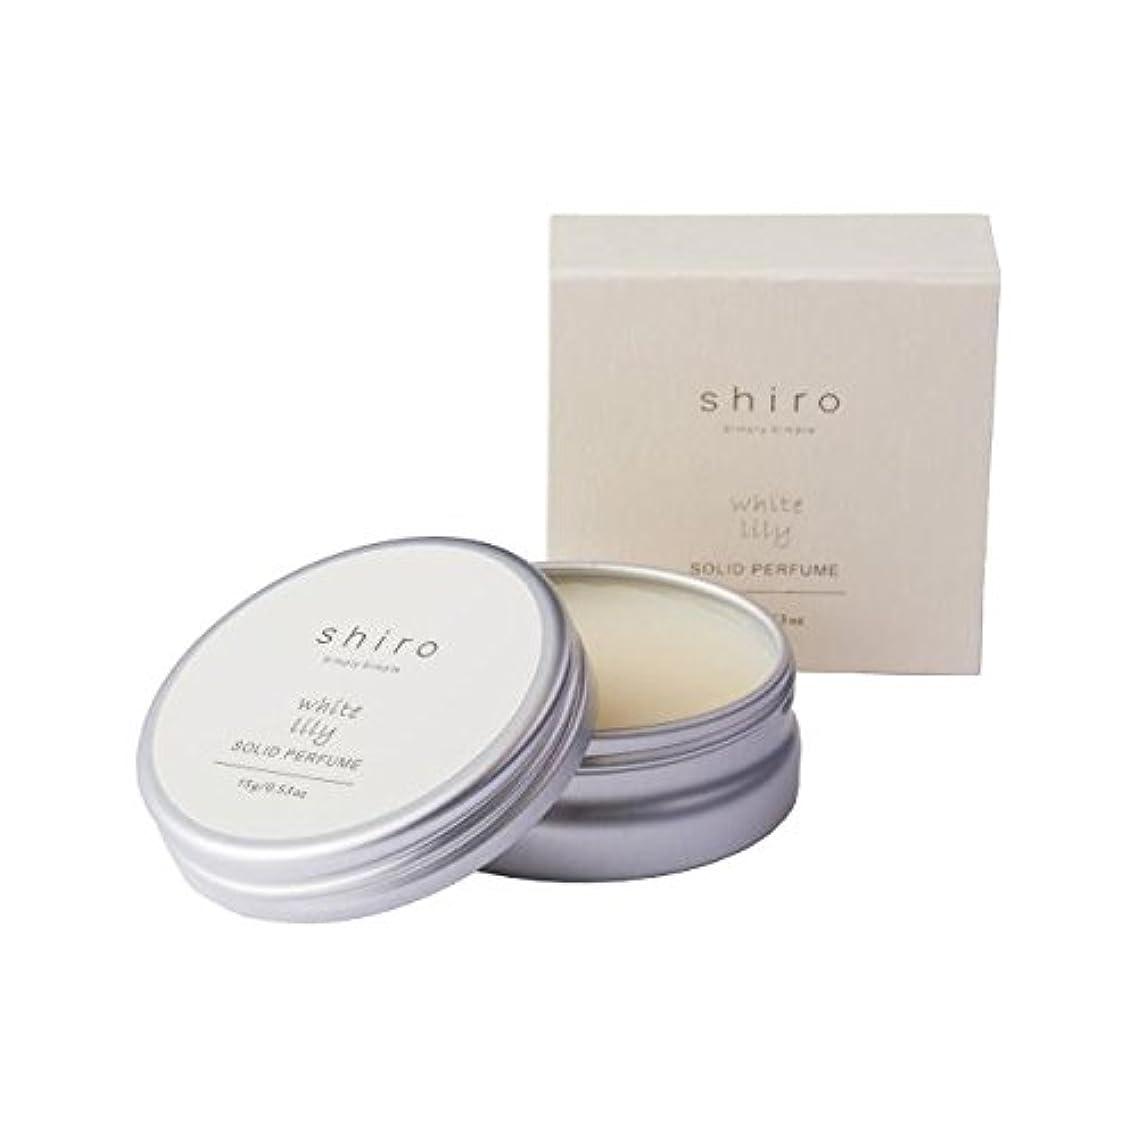 スタウト孤独な航空機shiro ホワイトリリー シャンプーのような香り すっきりと清潔感 練り香水 シロ 固形タイプ フレグランス 保湿成分 指先の保湿ケア